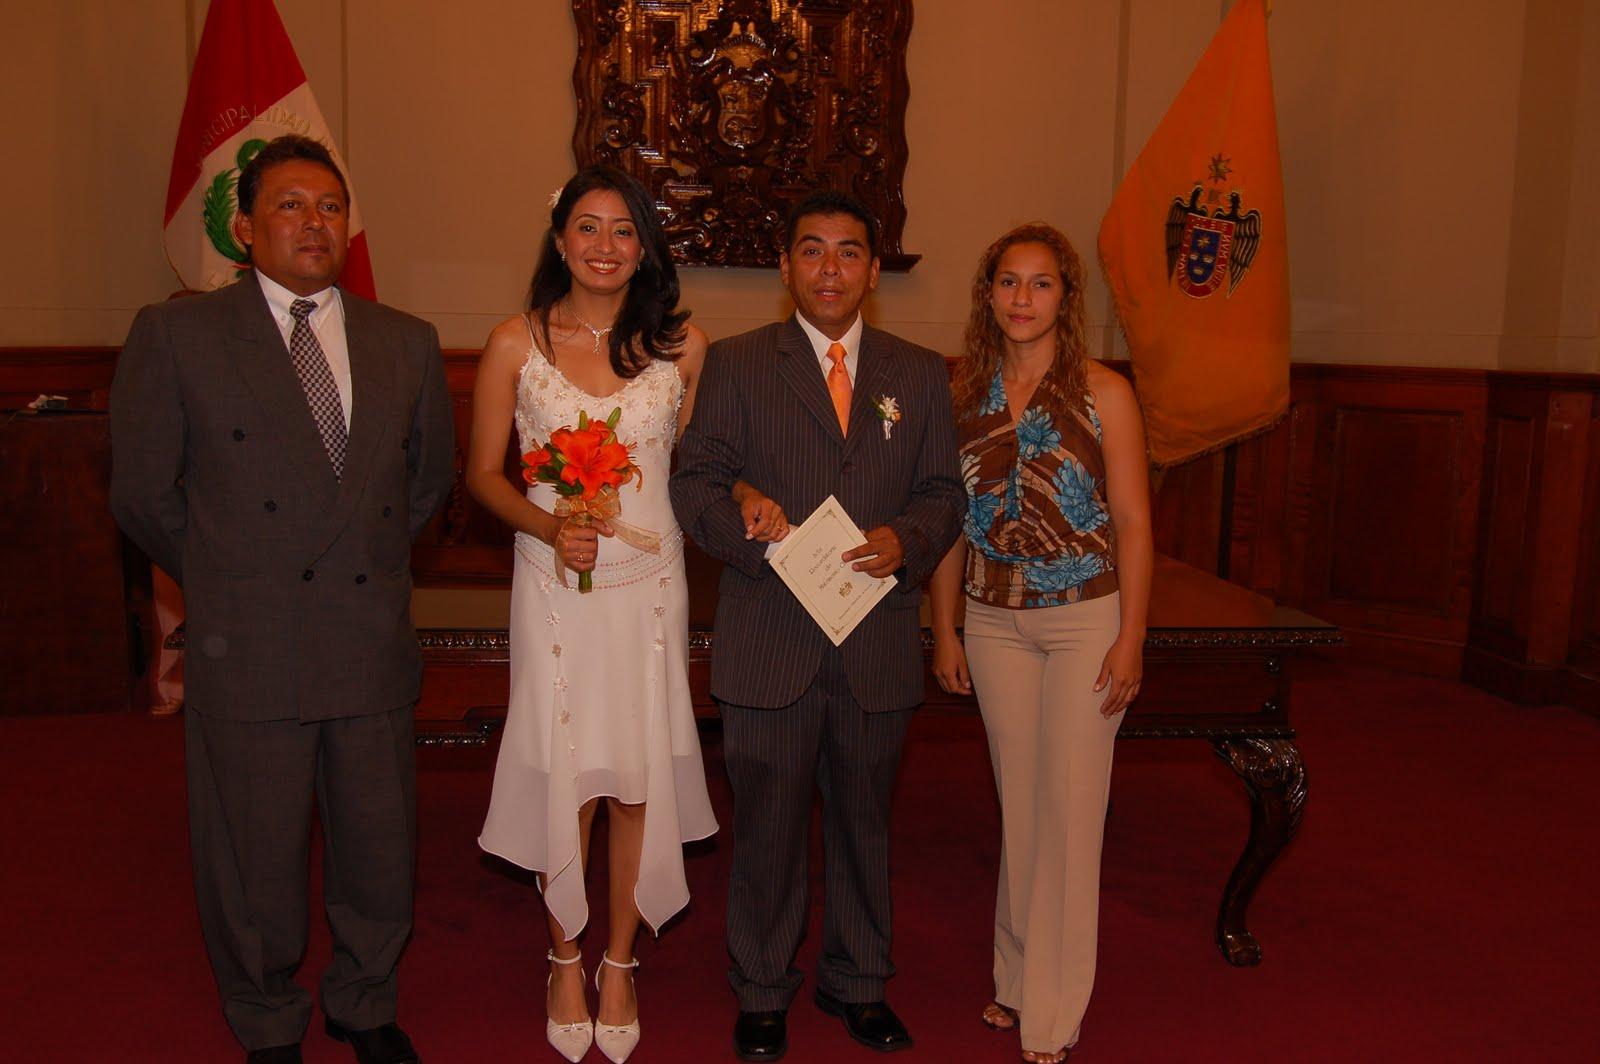 Matrimonio Simbolico En Lima : Fotógrafo de perú lima miraflores larry farfan